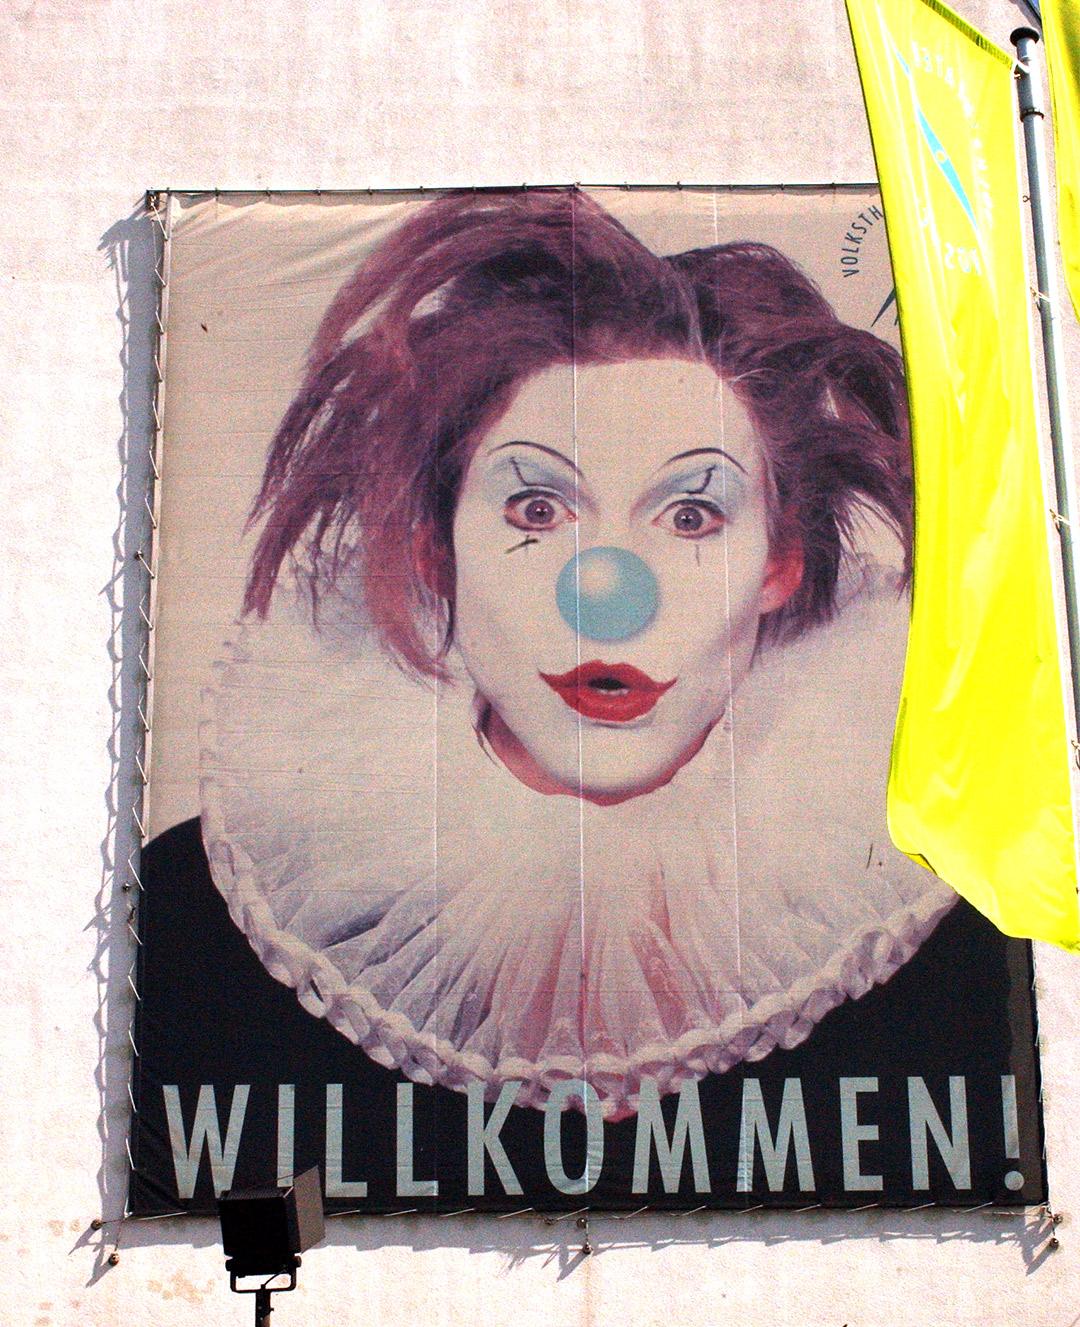 Theater-Volkstheater-Matti-Michalke-Berlin-Brandenburg-Aussenwerbung-Innenwerbung-Banner-Planen-Folien-Werbemittel-Druck-Print